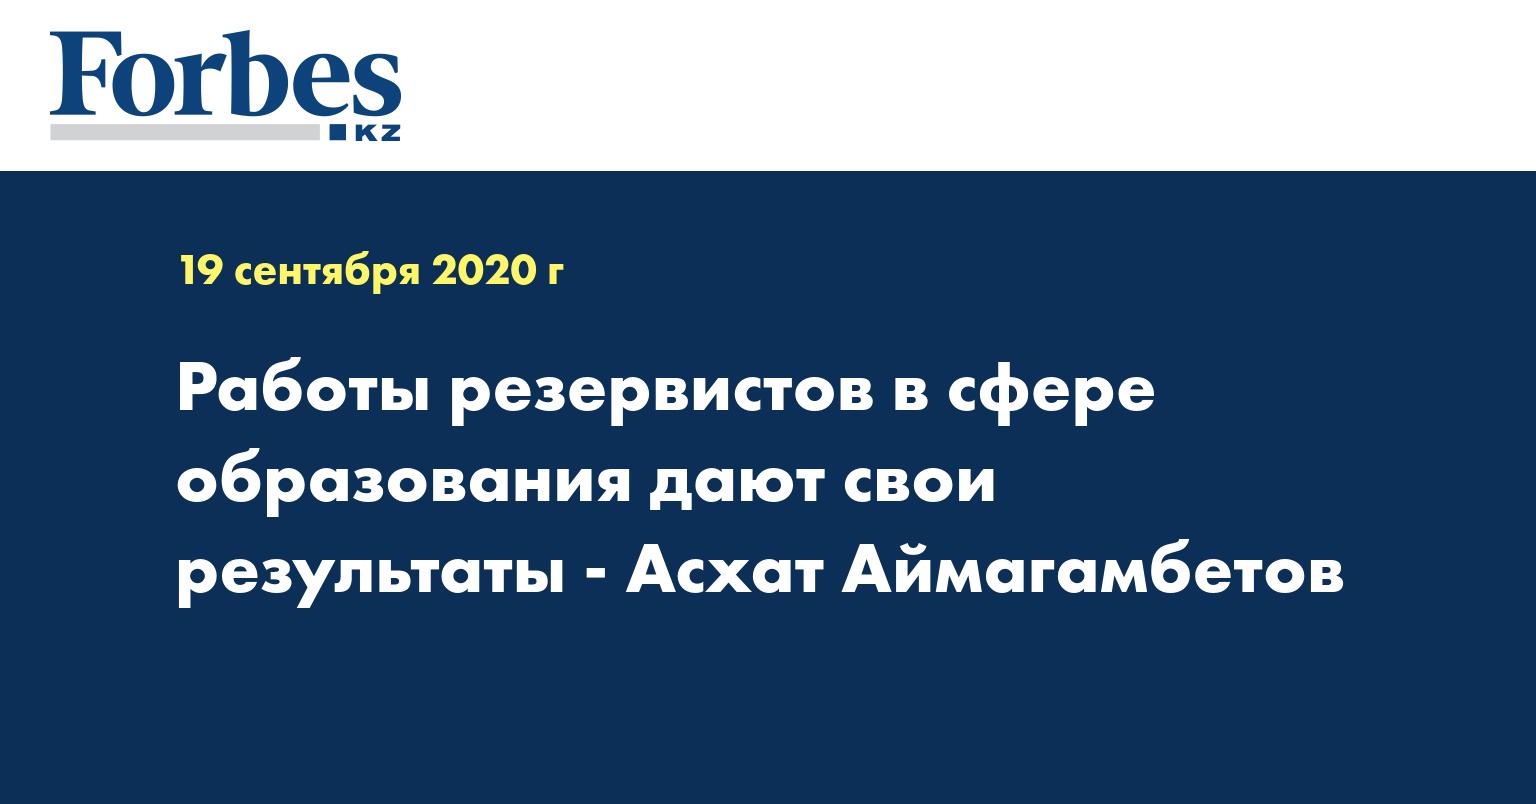 Работы резервистов в сфере образования дают свои результаты - Асхат Аймагамбетов